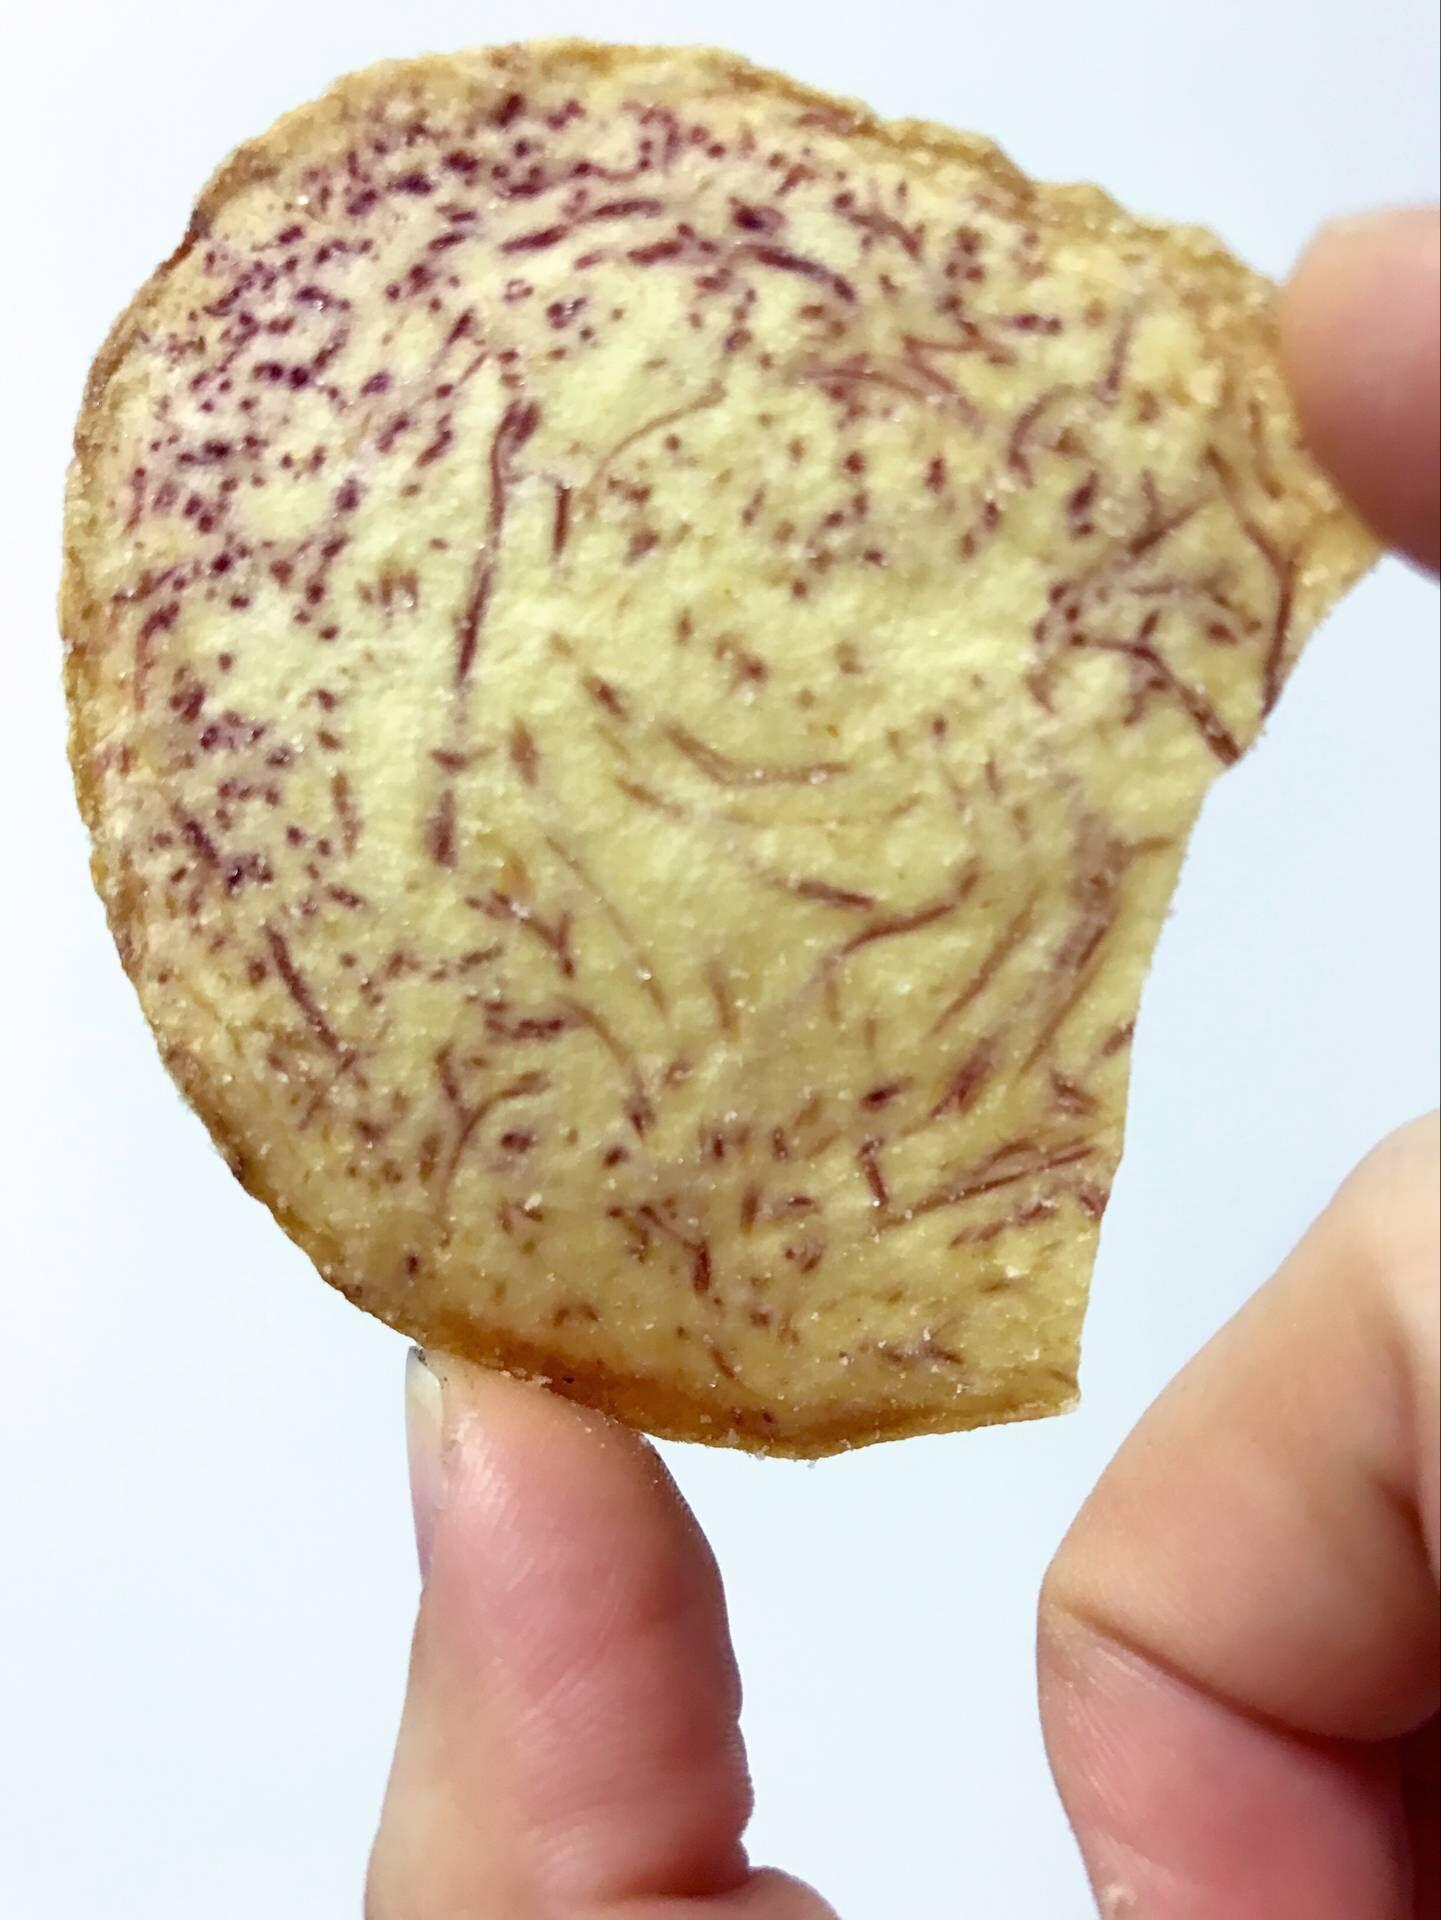 椒盐香芋片咸槟榔芋头片甜香脆休闲零食干货200g包邮